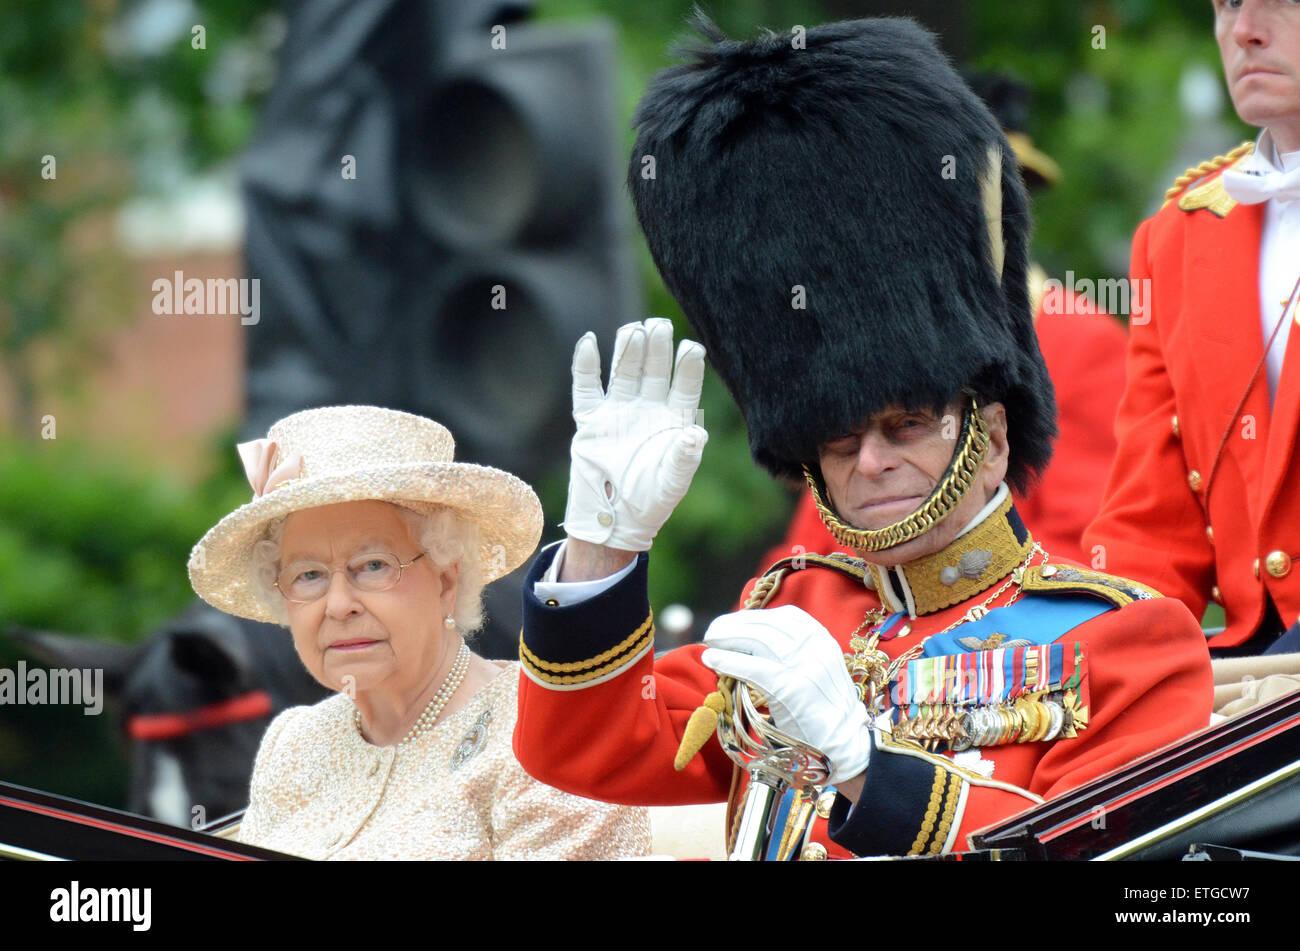 Die Queen und Prinz Philip. Trooping der Farbe in der Mall. London. Herzog von Edinburgh in Uniform mit Medaillen. Stockbild